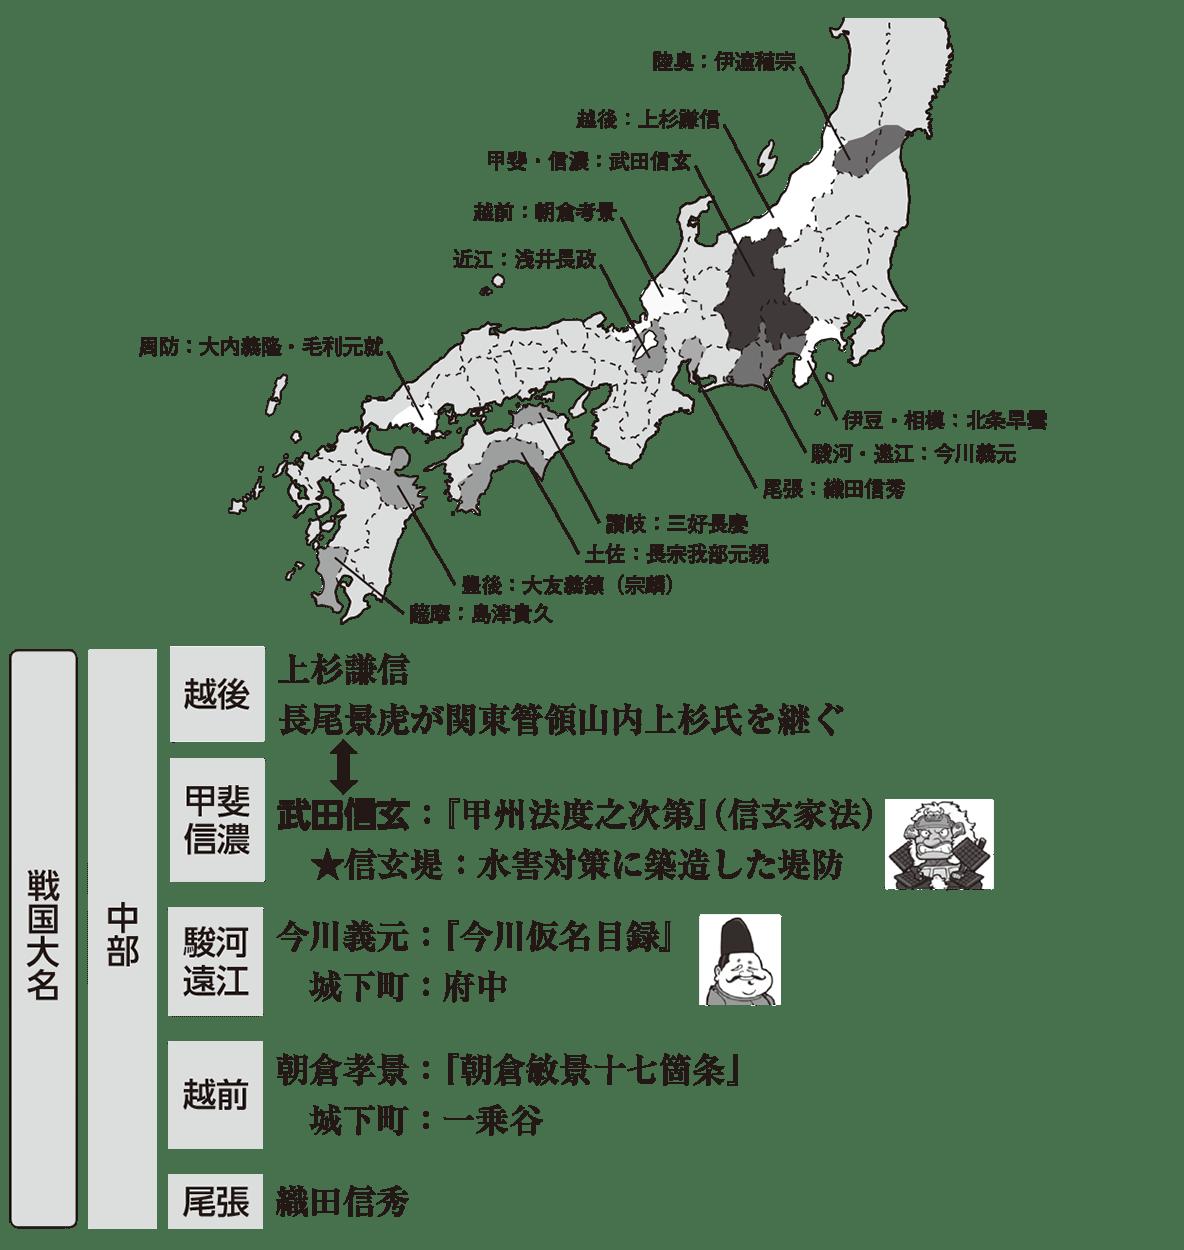 中世38 ポイント2 全体地図+戦国大名(中部)